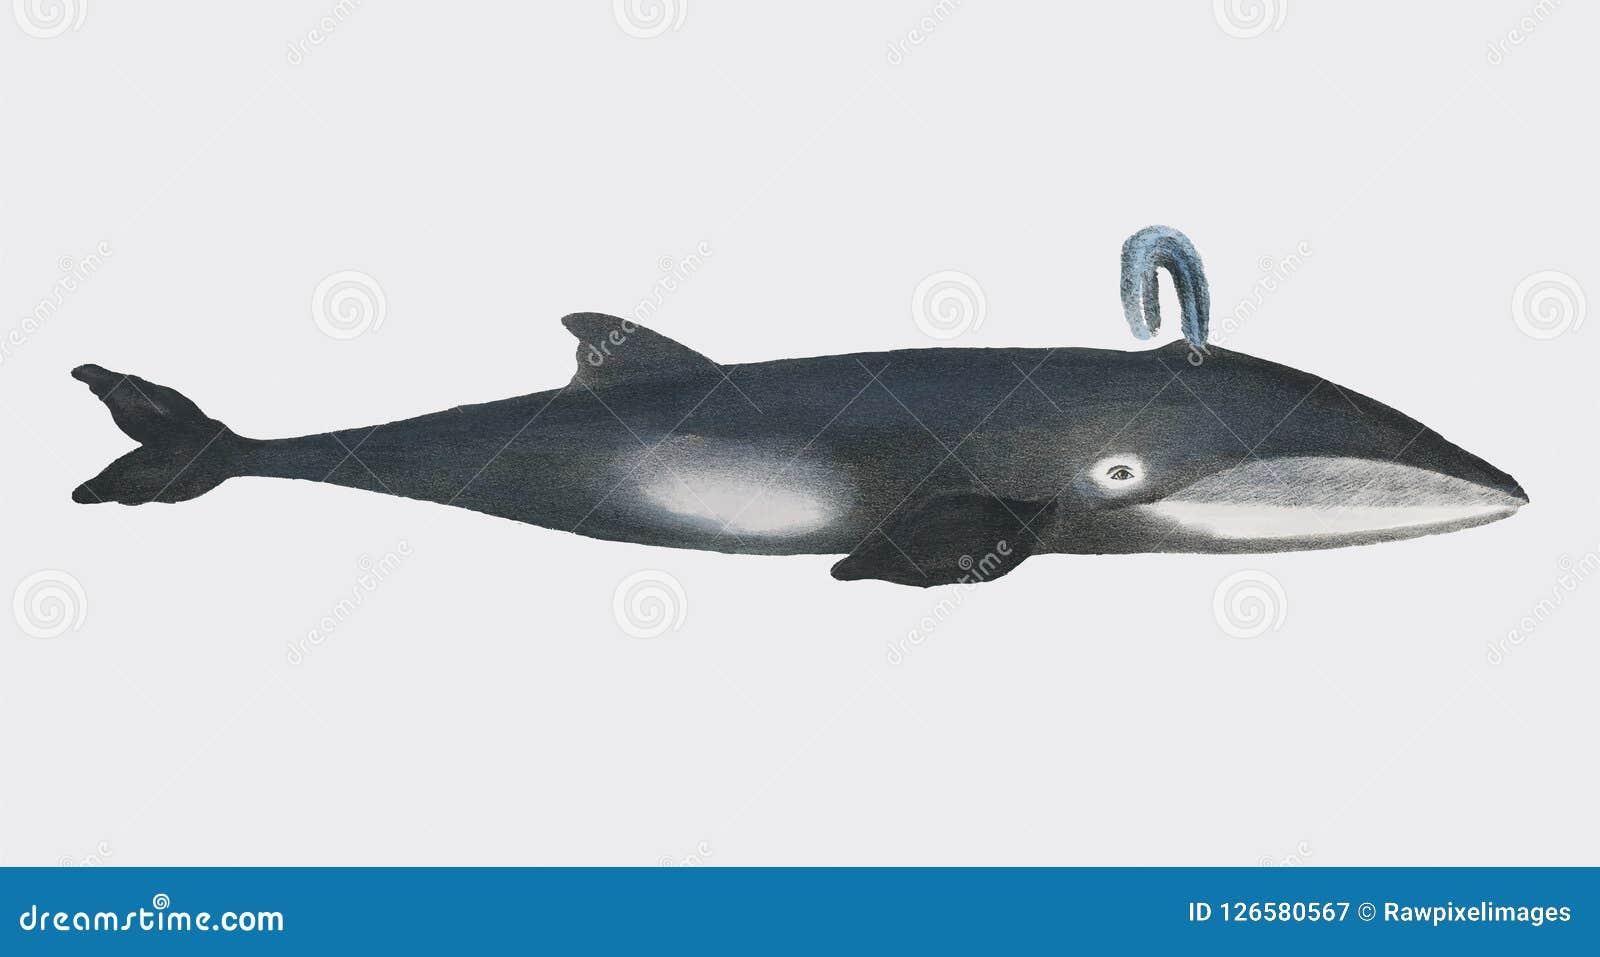 Walvis van Biologiebeelden van Zoogdieren 1824 door Heinrich Rudolf Schinz Digitaal verbeterd door rawpixel